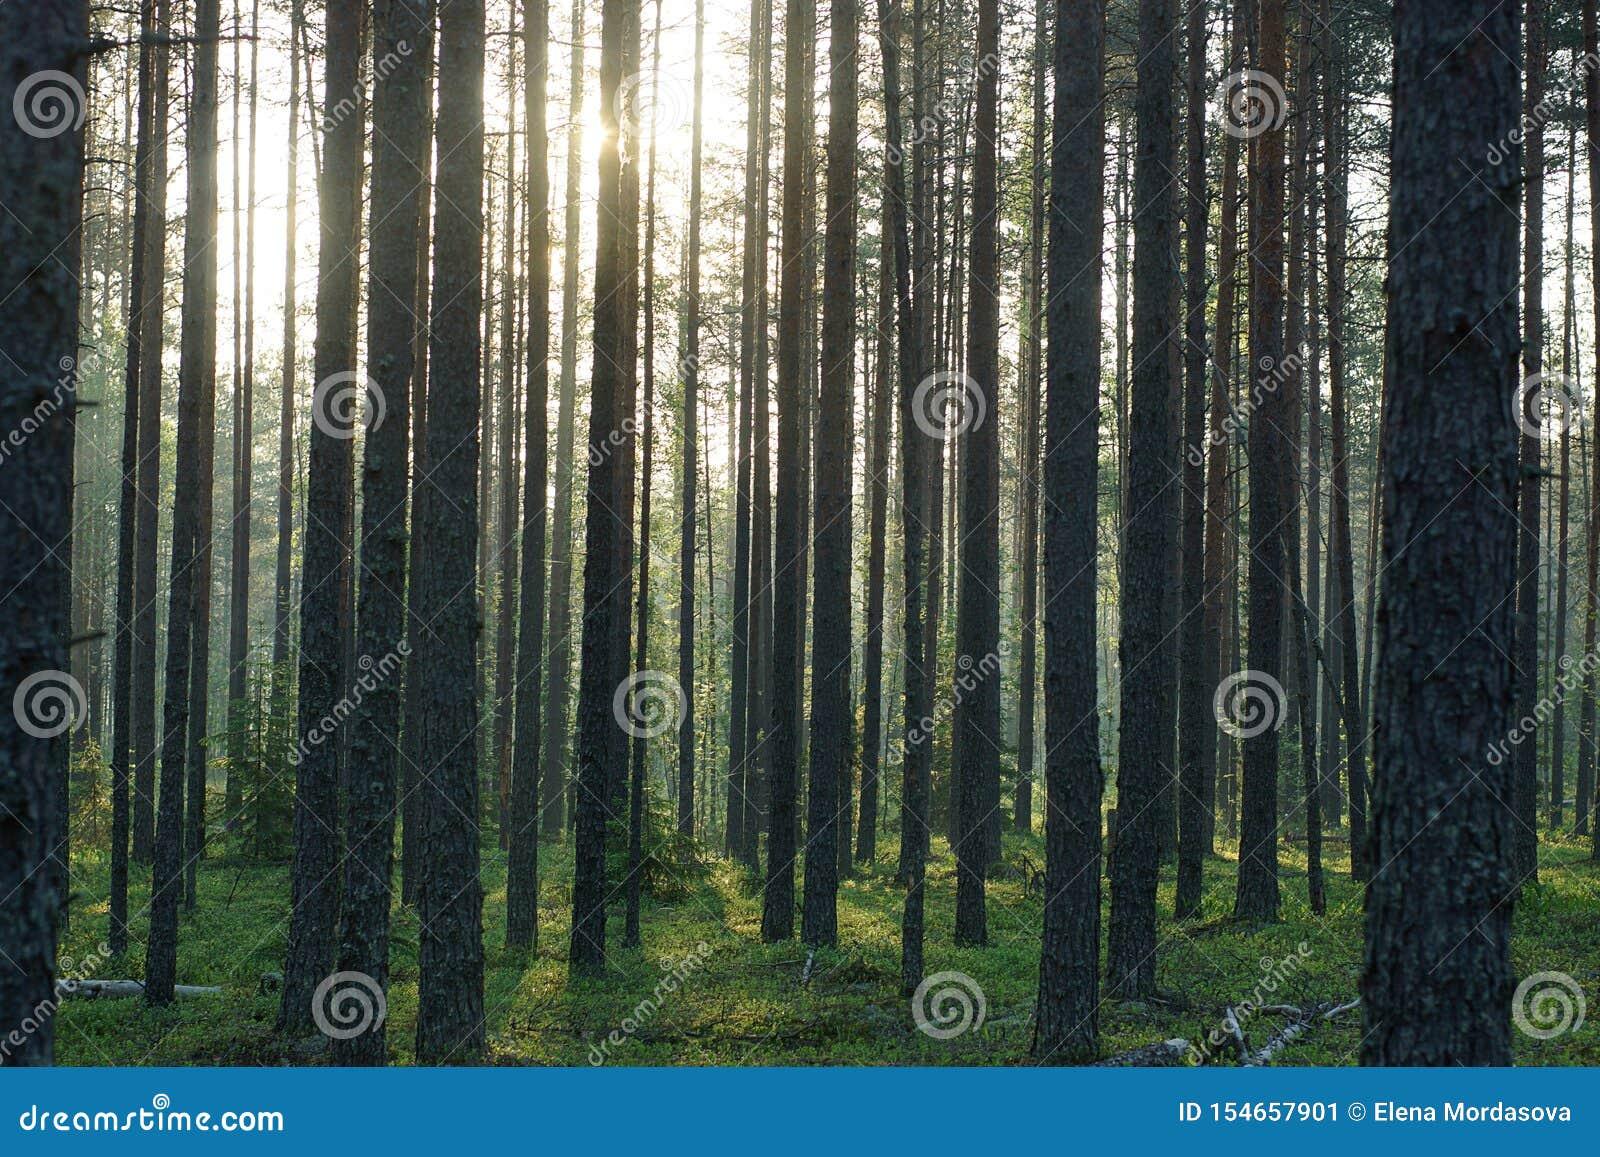 Tronchi alti del pino accesi dal sole di mattina di estate